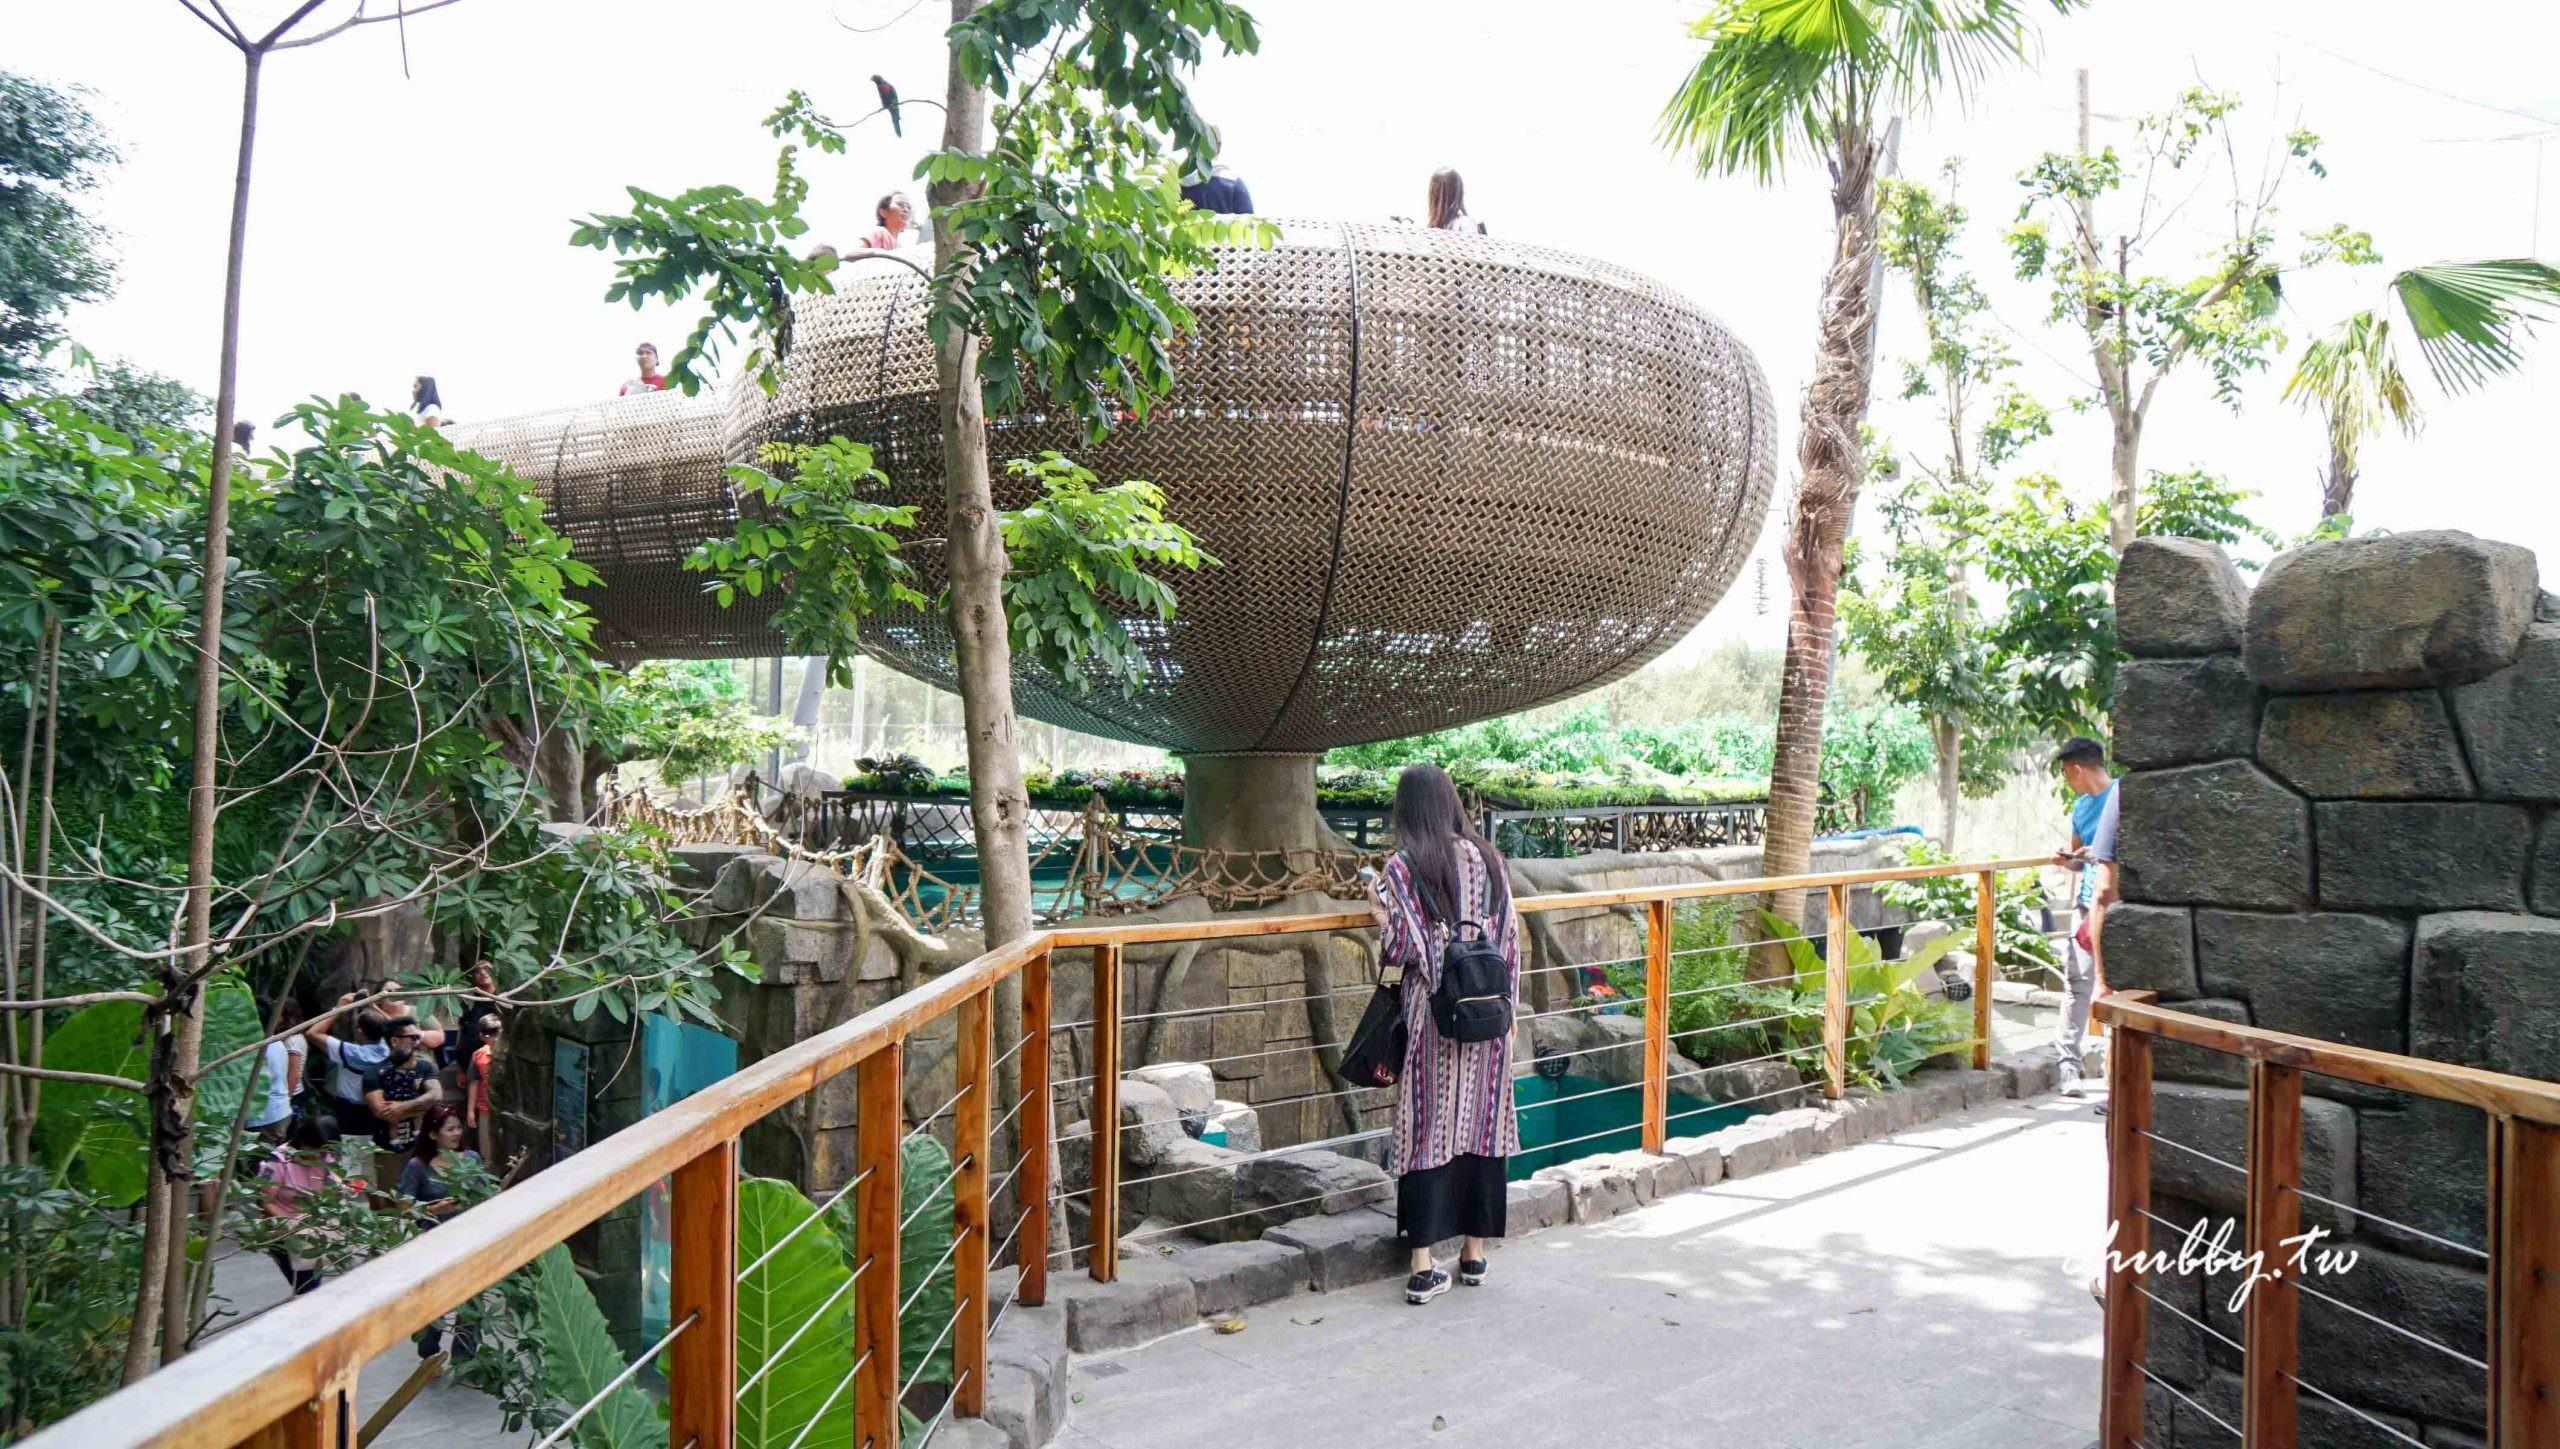 宿霧最適合親子的行程:宿霧海洋公園Cebu Ocean Park遊園心得、園區介紹